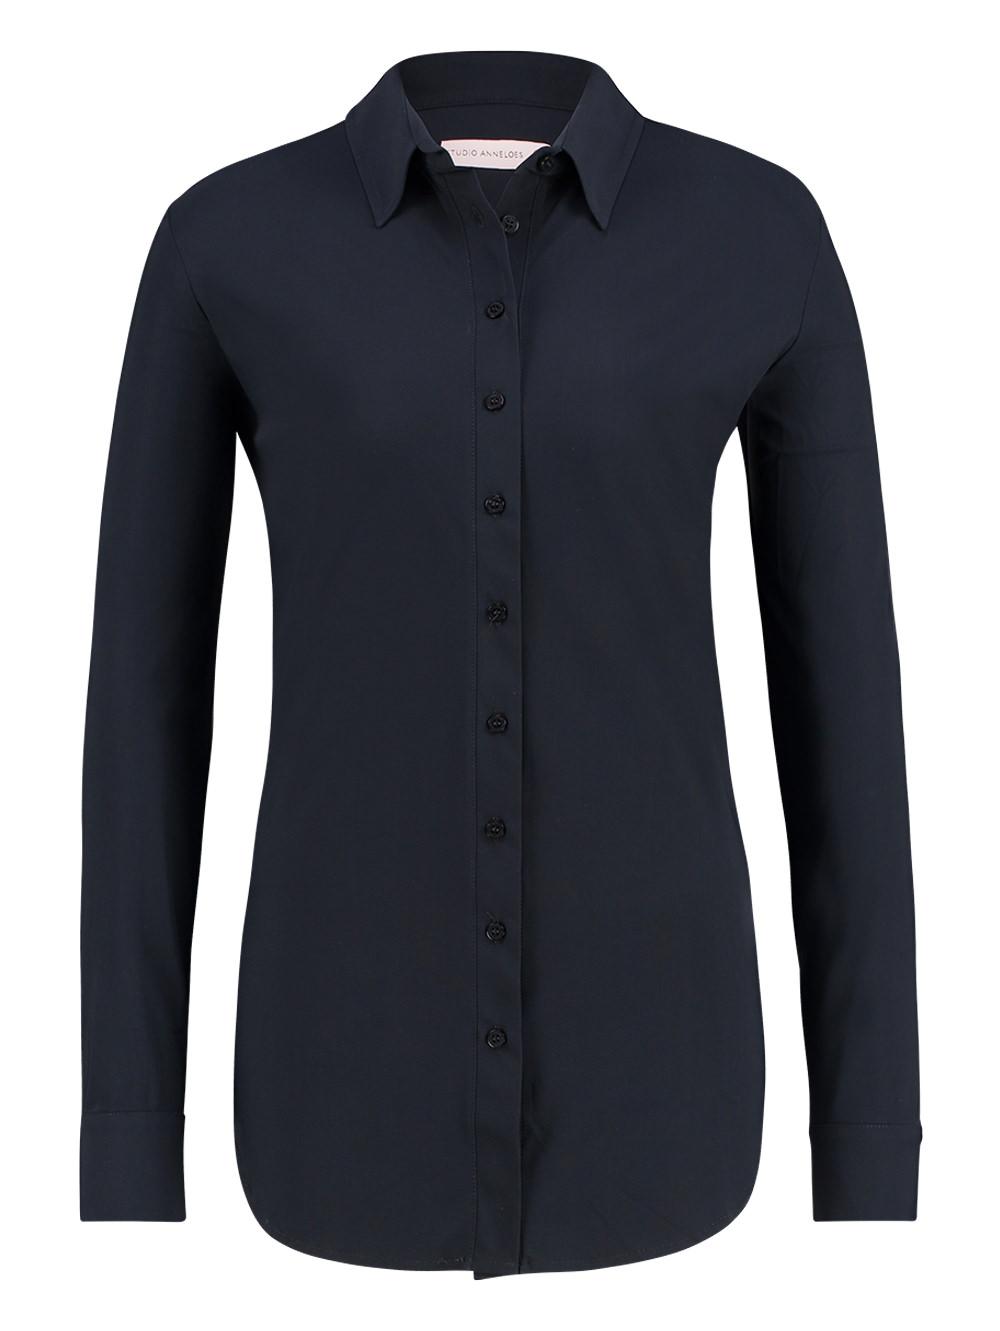 Poppy blouse - dark blue